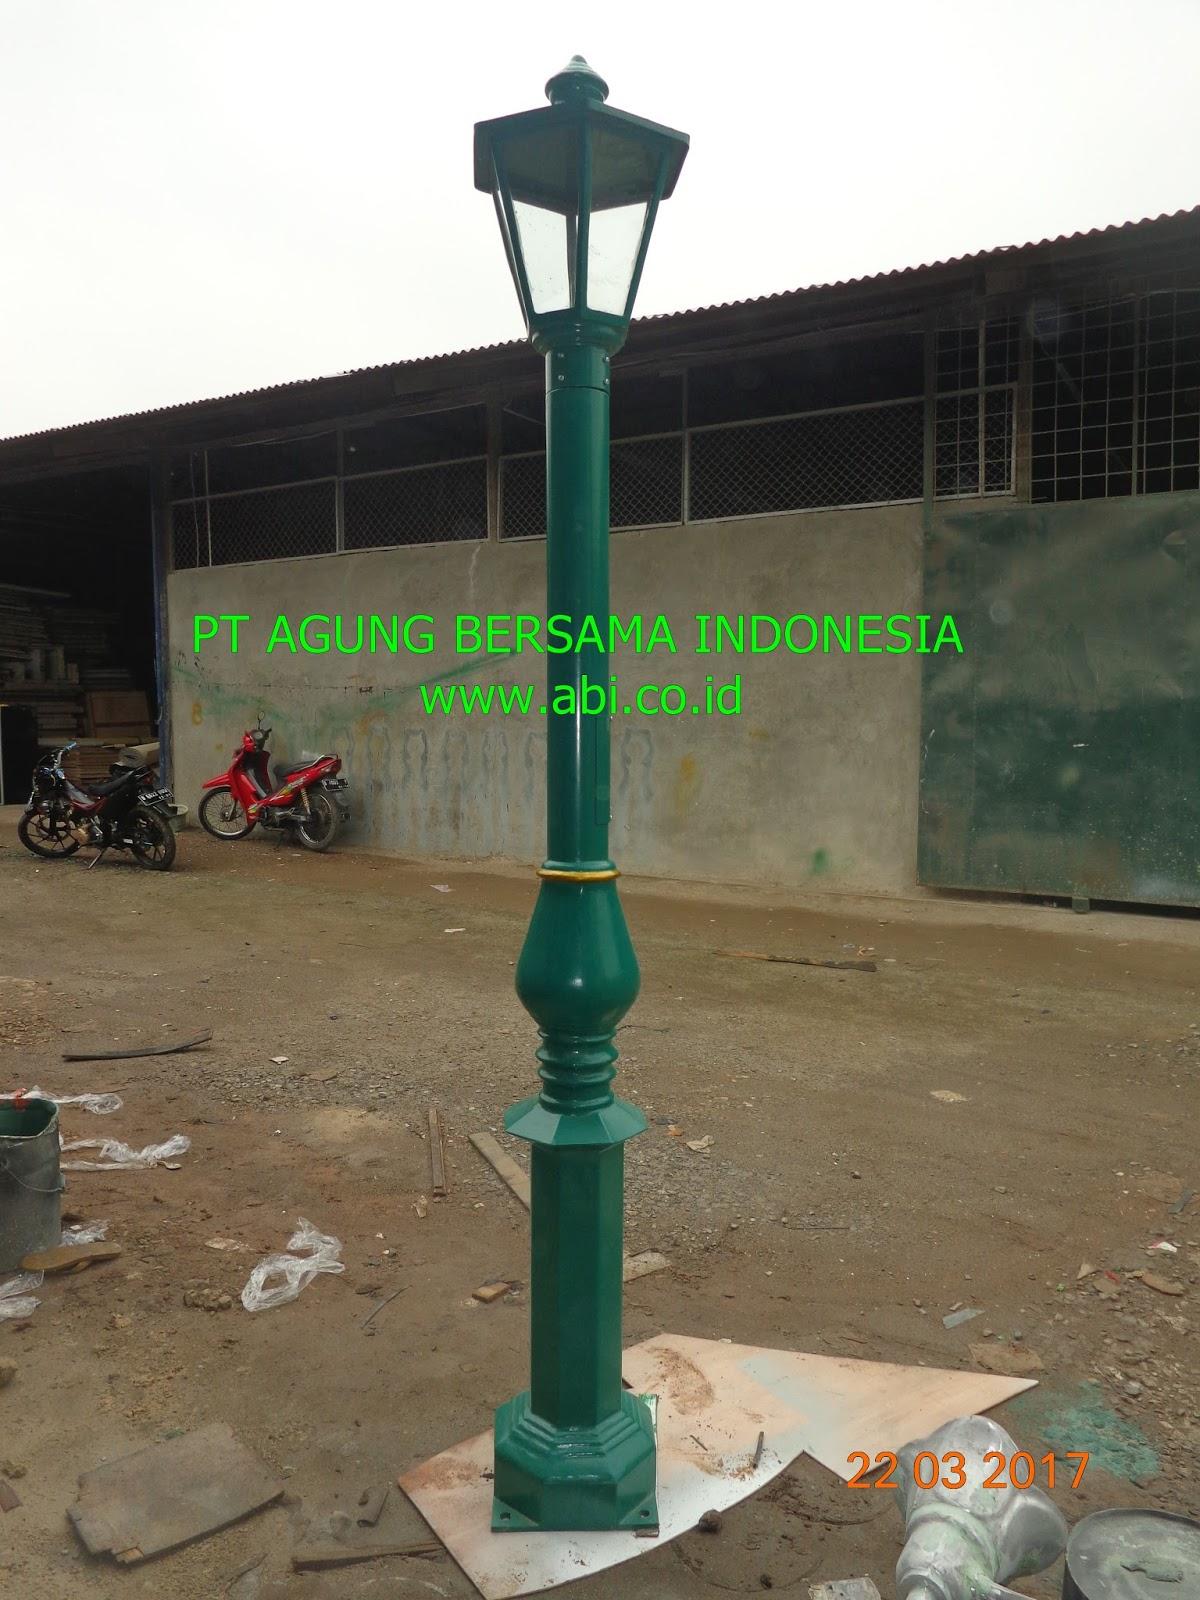 Harga Tiang Lampu Taman 2017 2018 Jual Tiang Lampu Taman Tiang Lampu Klasik Dekoratif Murah